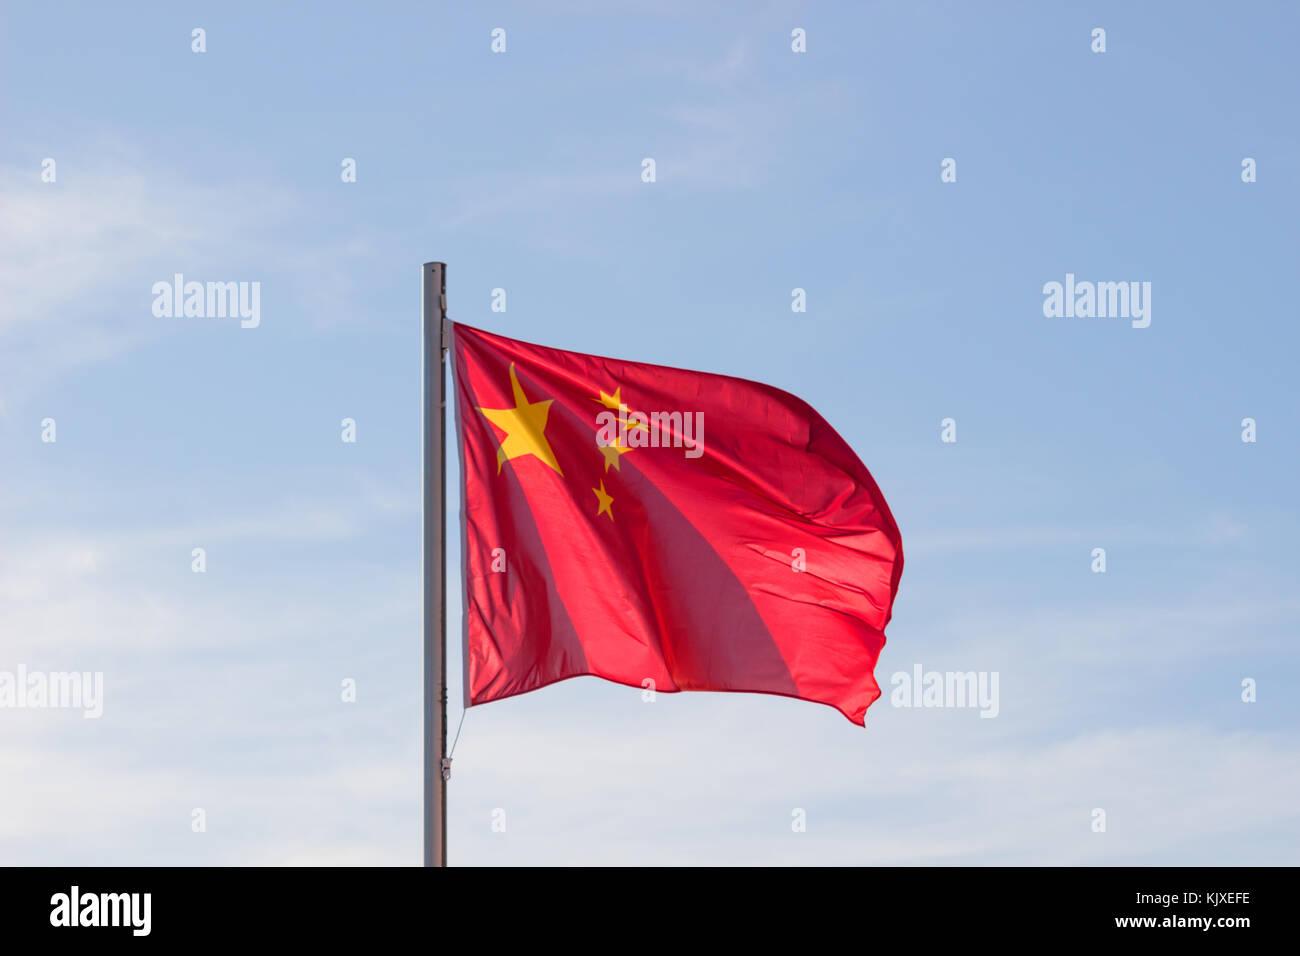 Drapeau Chinois En Fond De Ciel Bleu Vif Drapeau Rouge Avec